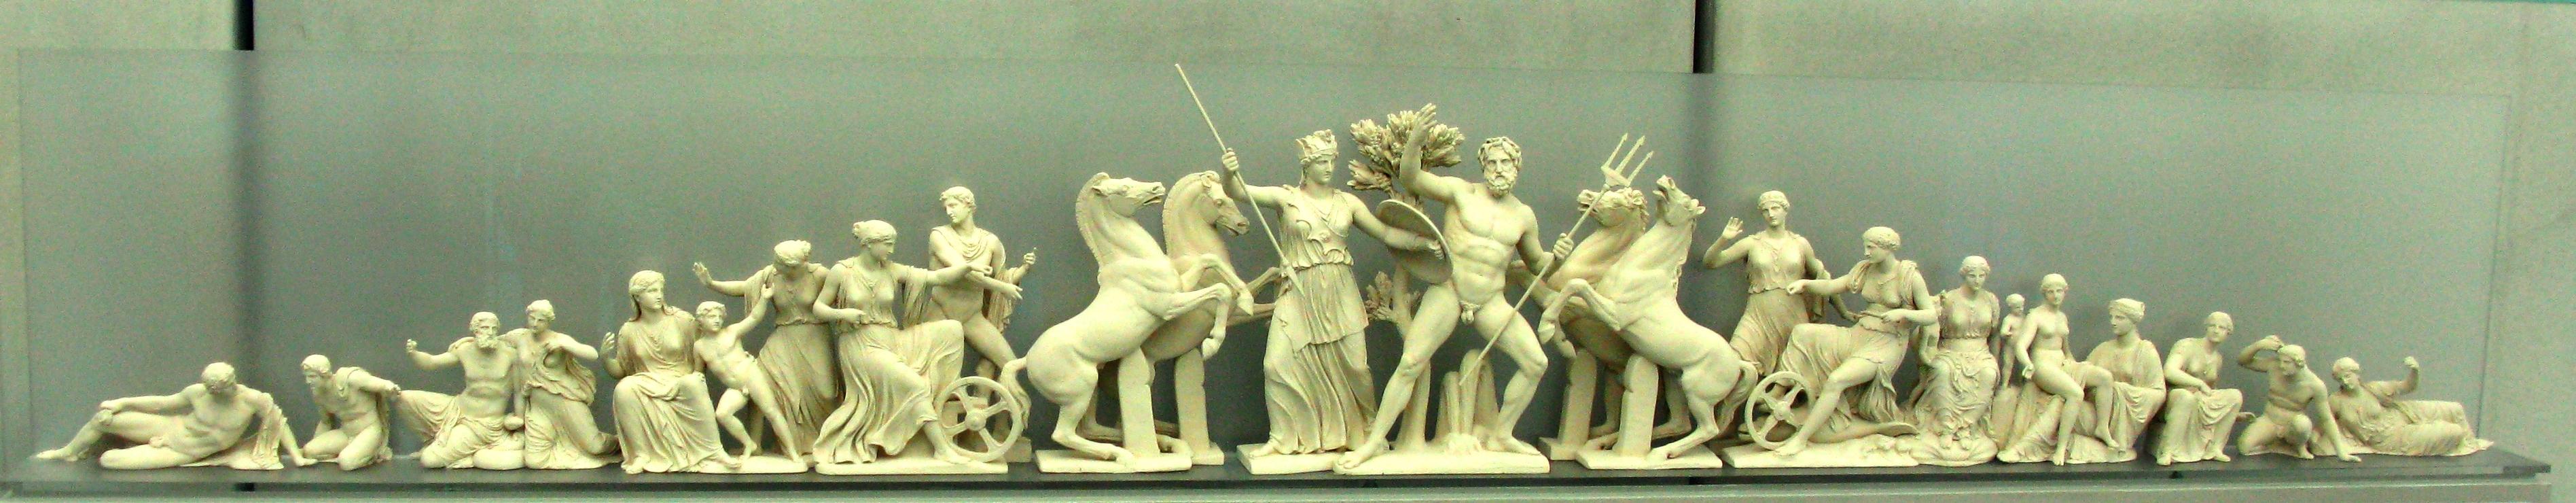 Il tempio greco e il problema del frontone daniele - Immagini del cardellino orientale ...